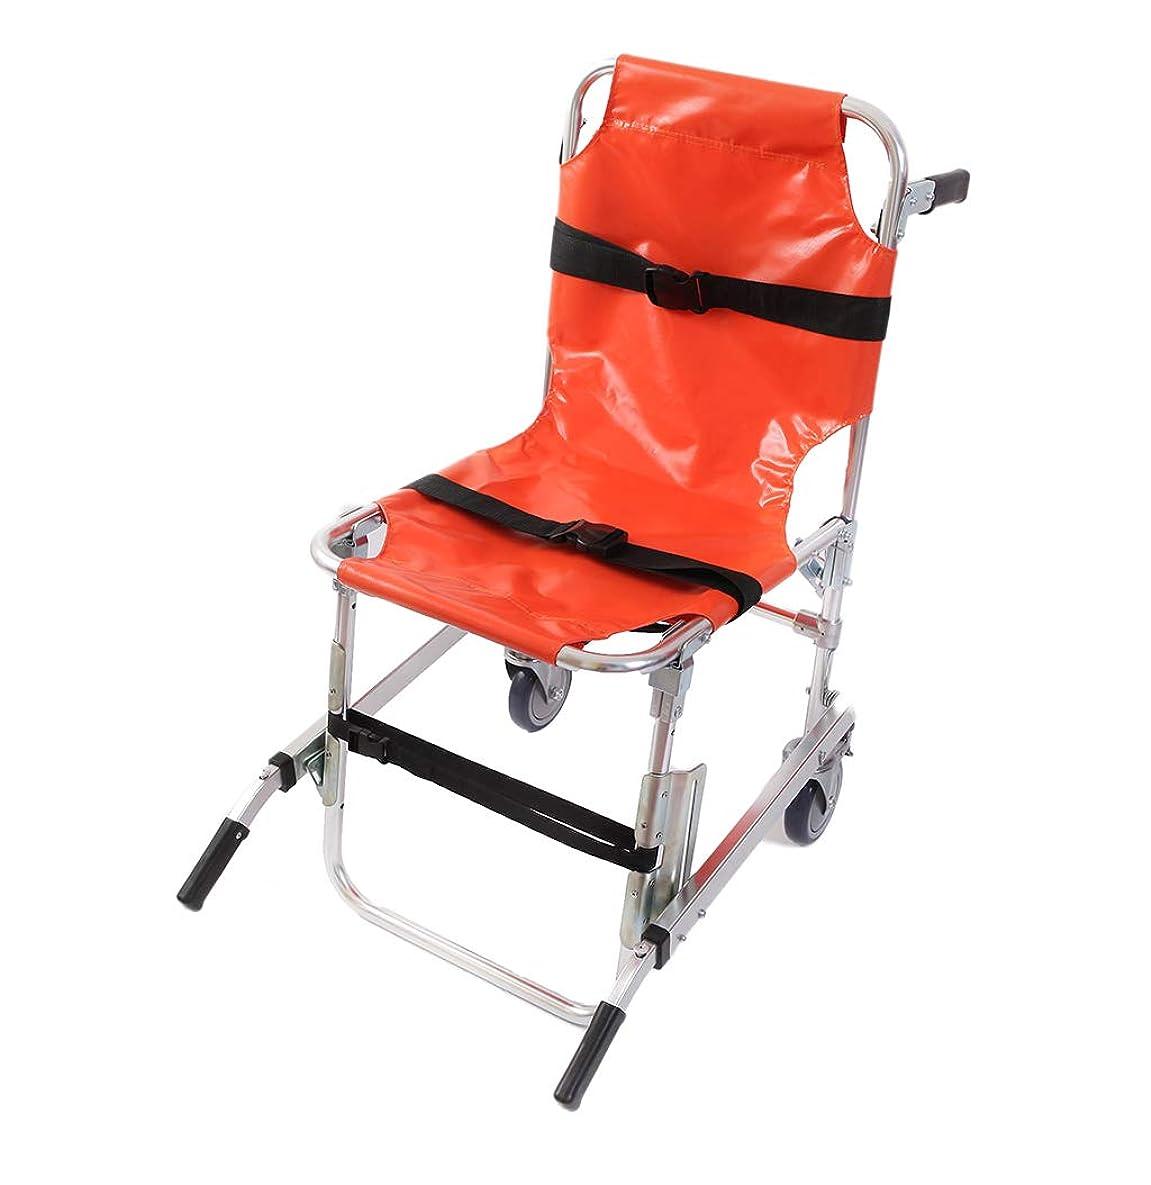 任意白雪姫敵対的EMS階段椅子アルミ軽量2輪医療輸送チェア患者拘束ストラップ付き350ポンドの容量